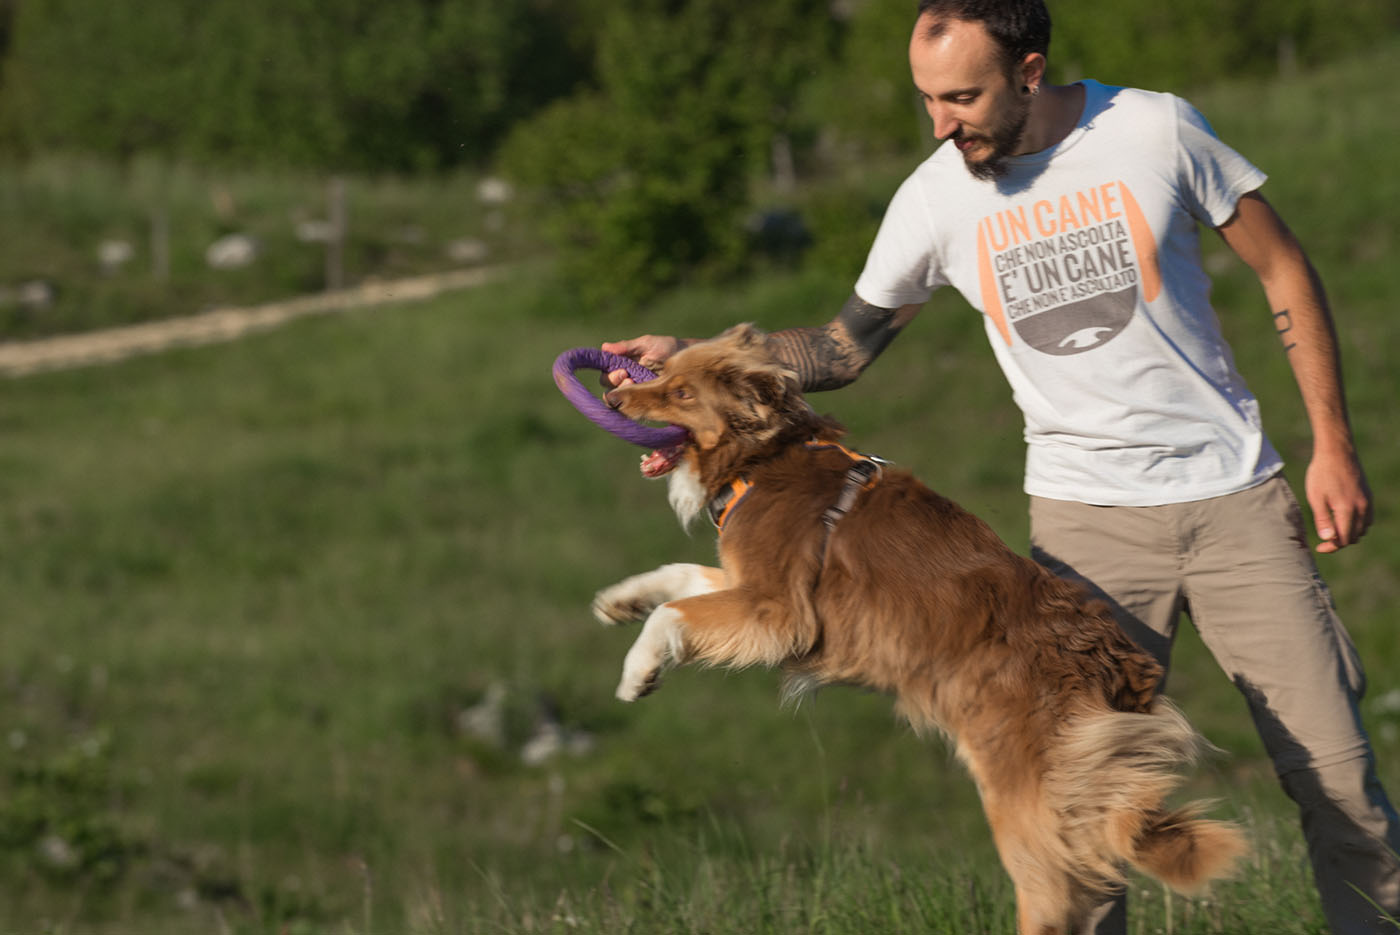 Dog sitter a Udine e provincia - Francesco Desomaro educatore cinofilo